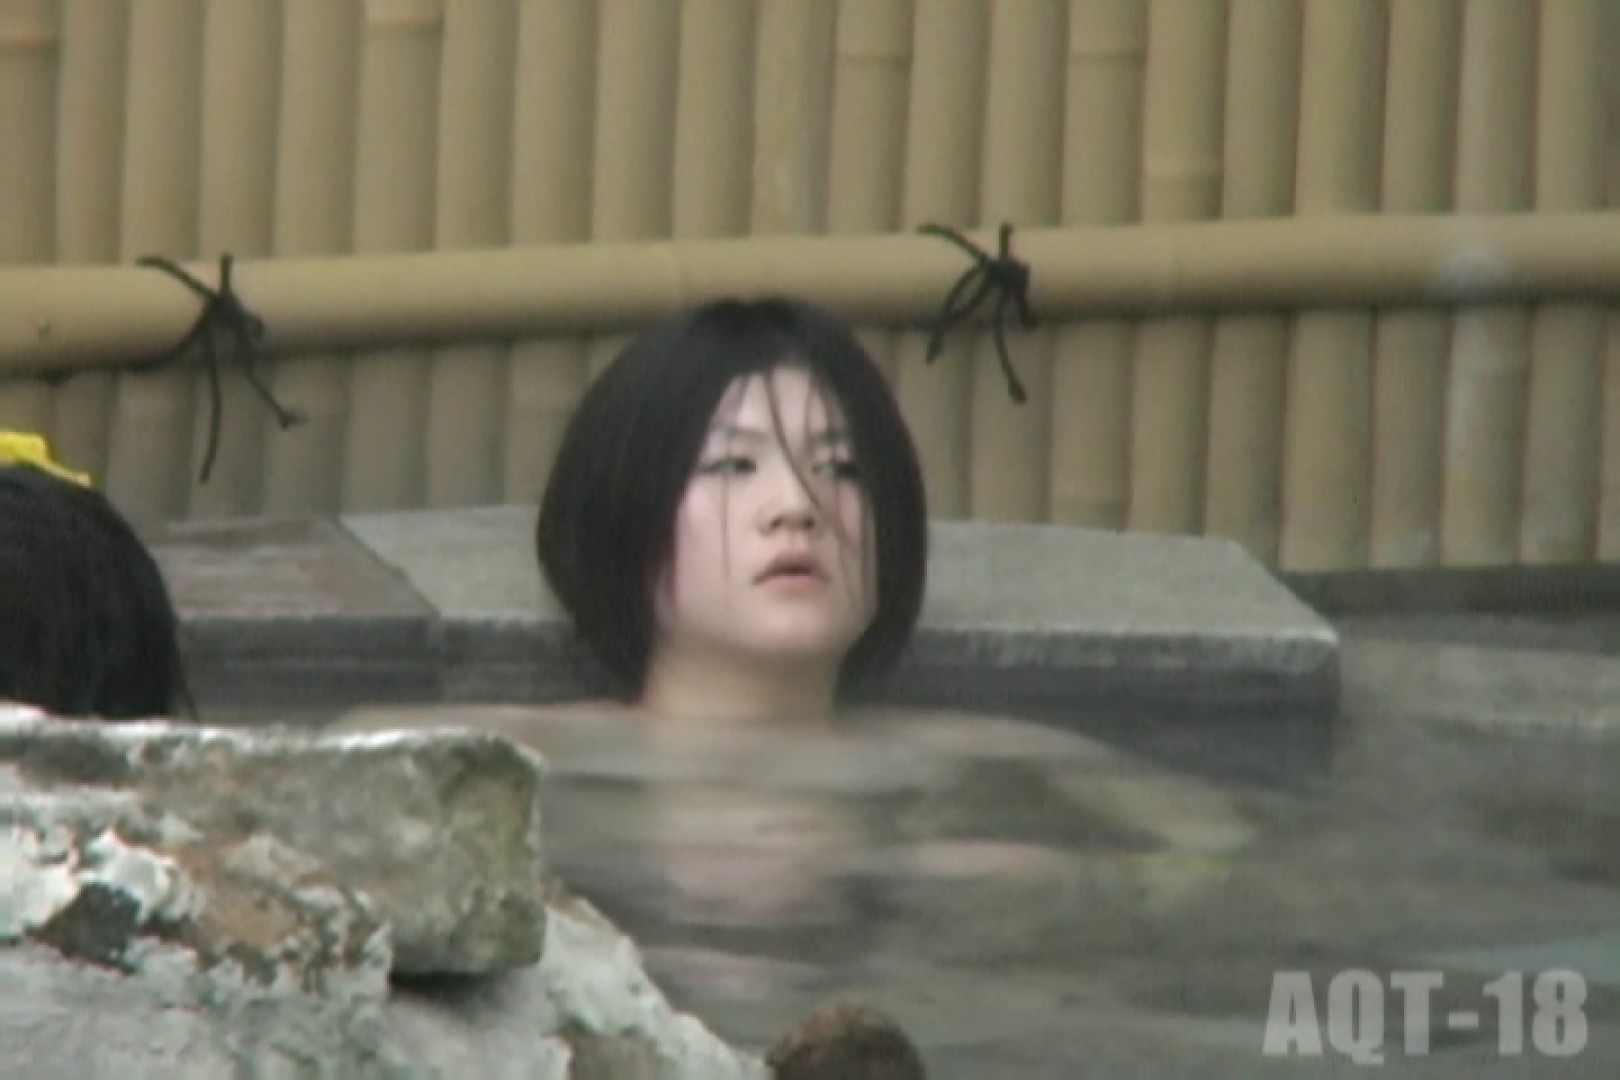 Aquaな露天風呂Vol.859 0   0  90pic 19